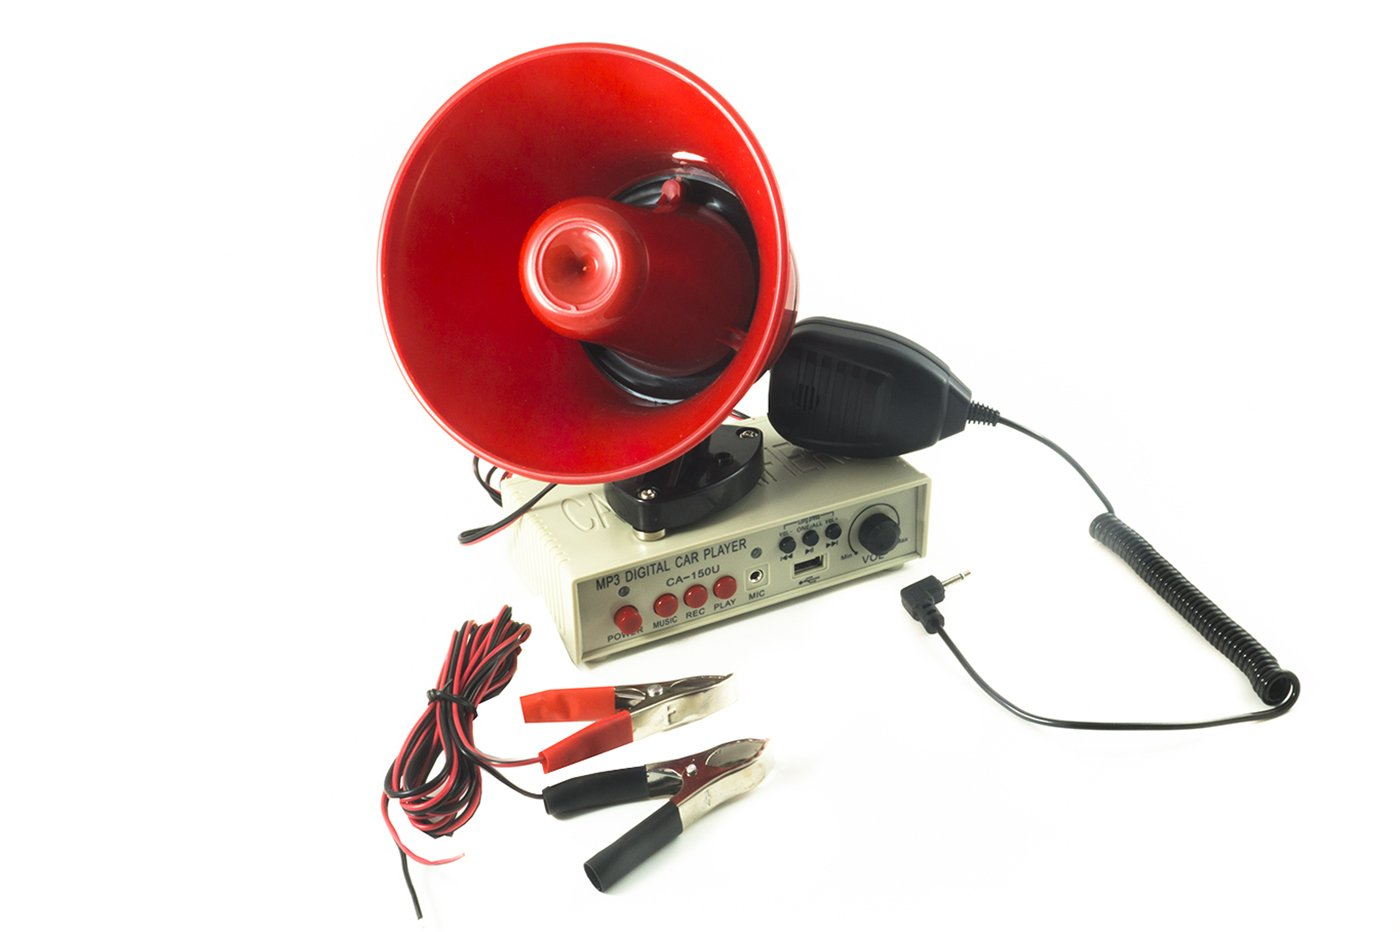 Megá fono con micró fono para coche, 12 V, con amplificador y grabadora Senza marca/Generico BES-19636